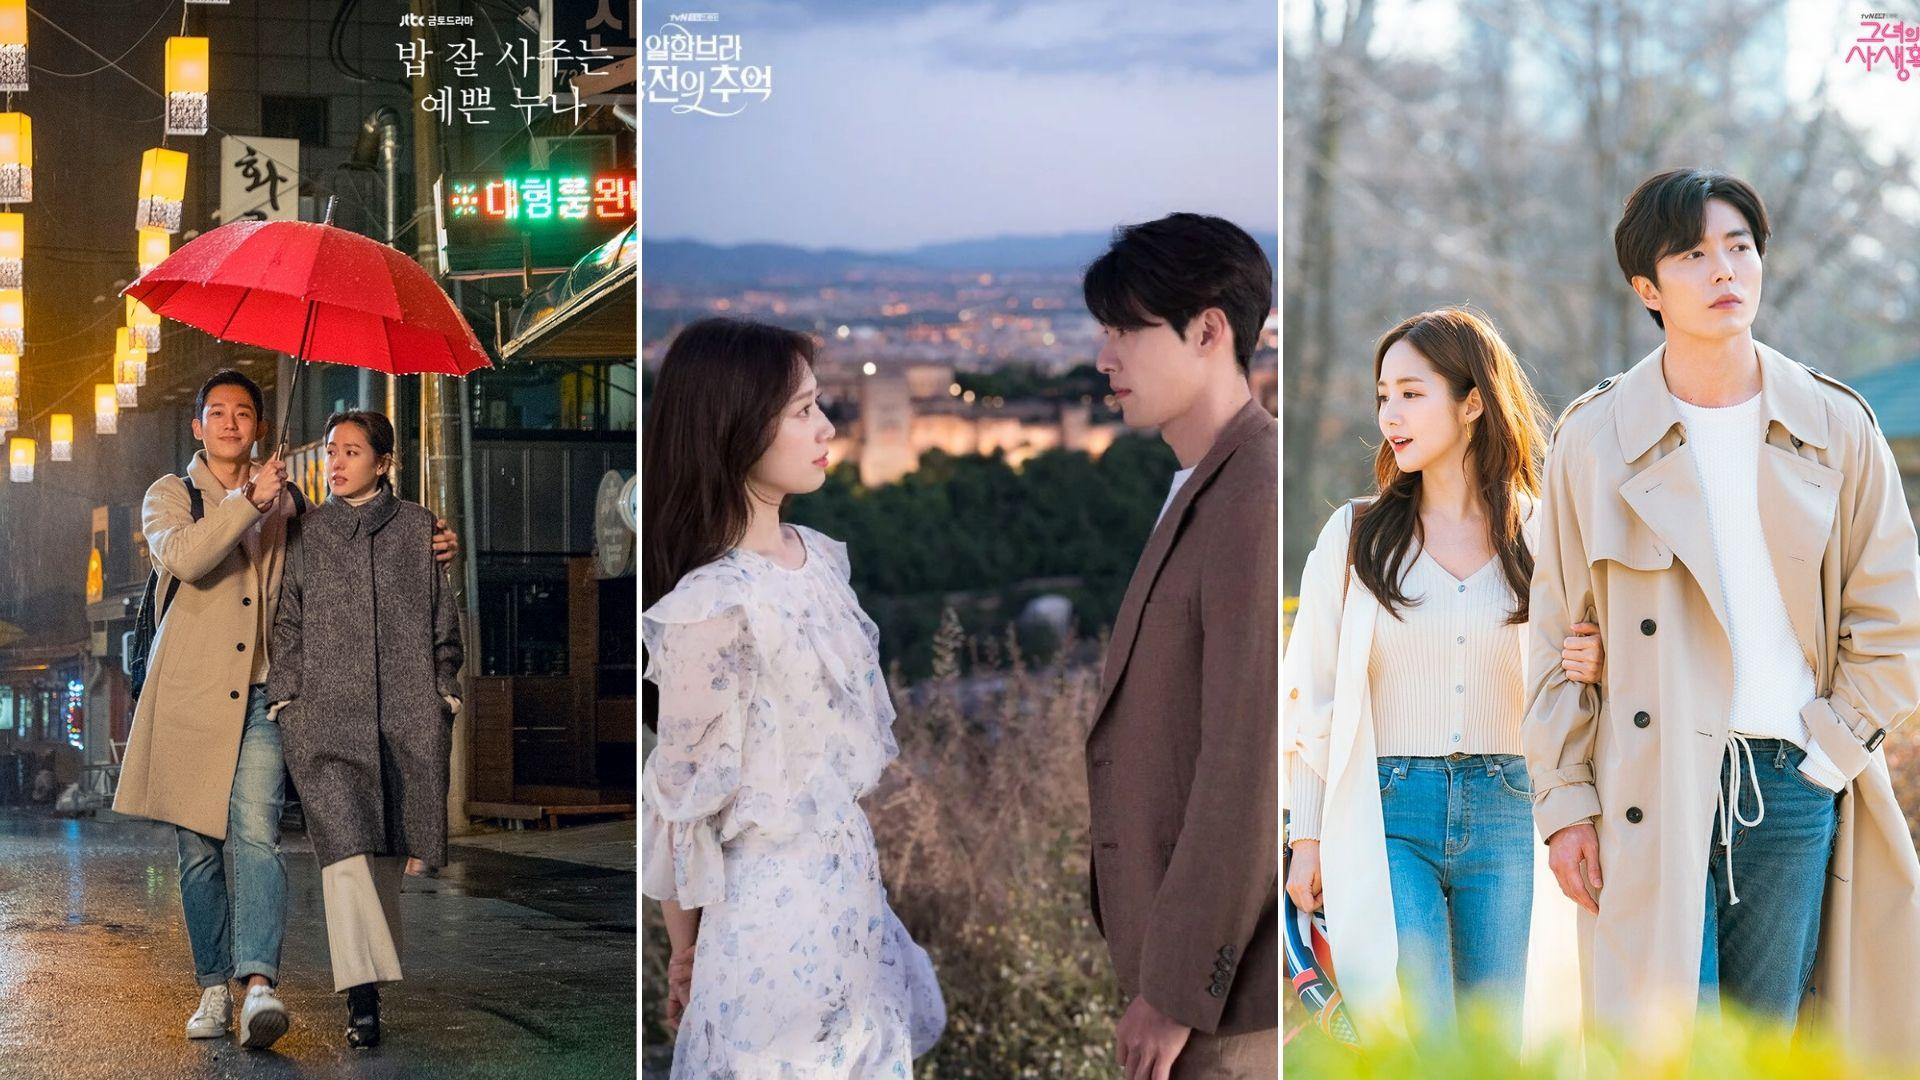 แนะนำซีรีส์เกาหลี 12 เรื่องบน Netflix สำหรับใครที่ยังอินกับ Crash Landing On You อยู่